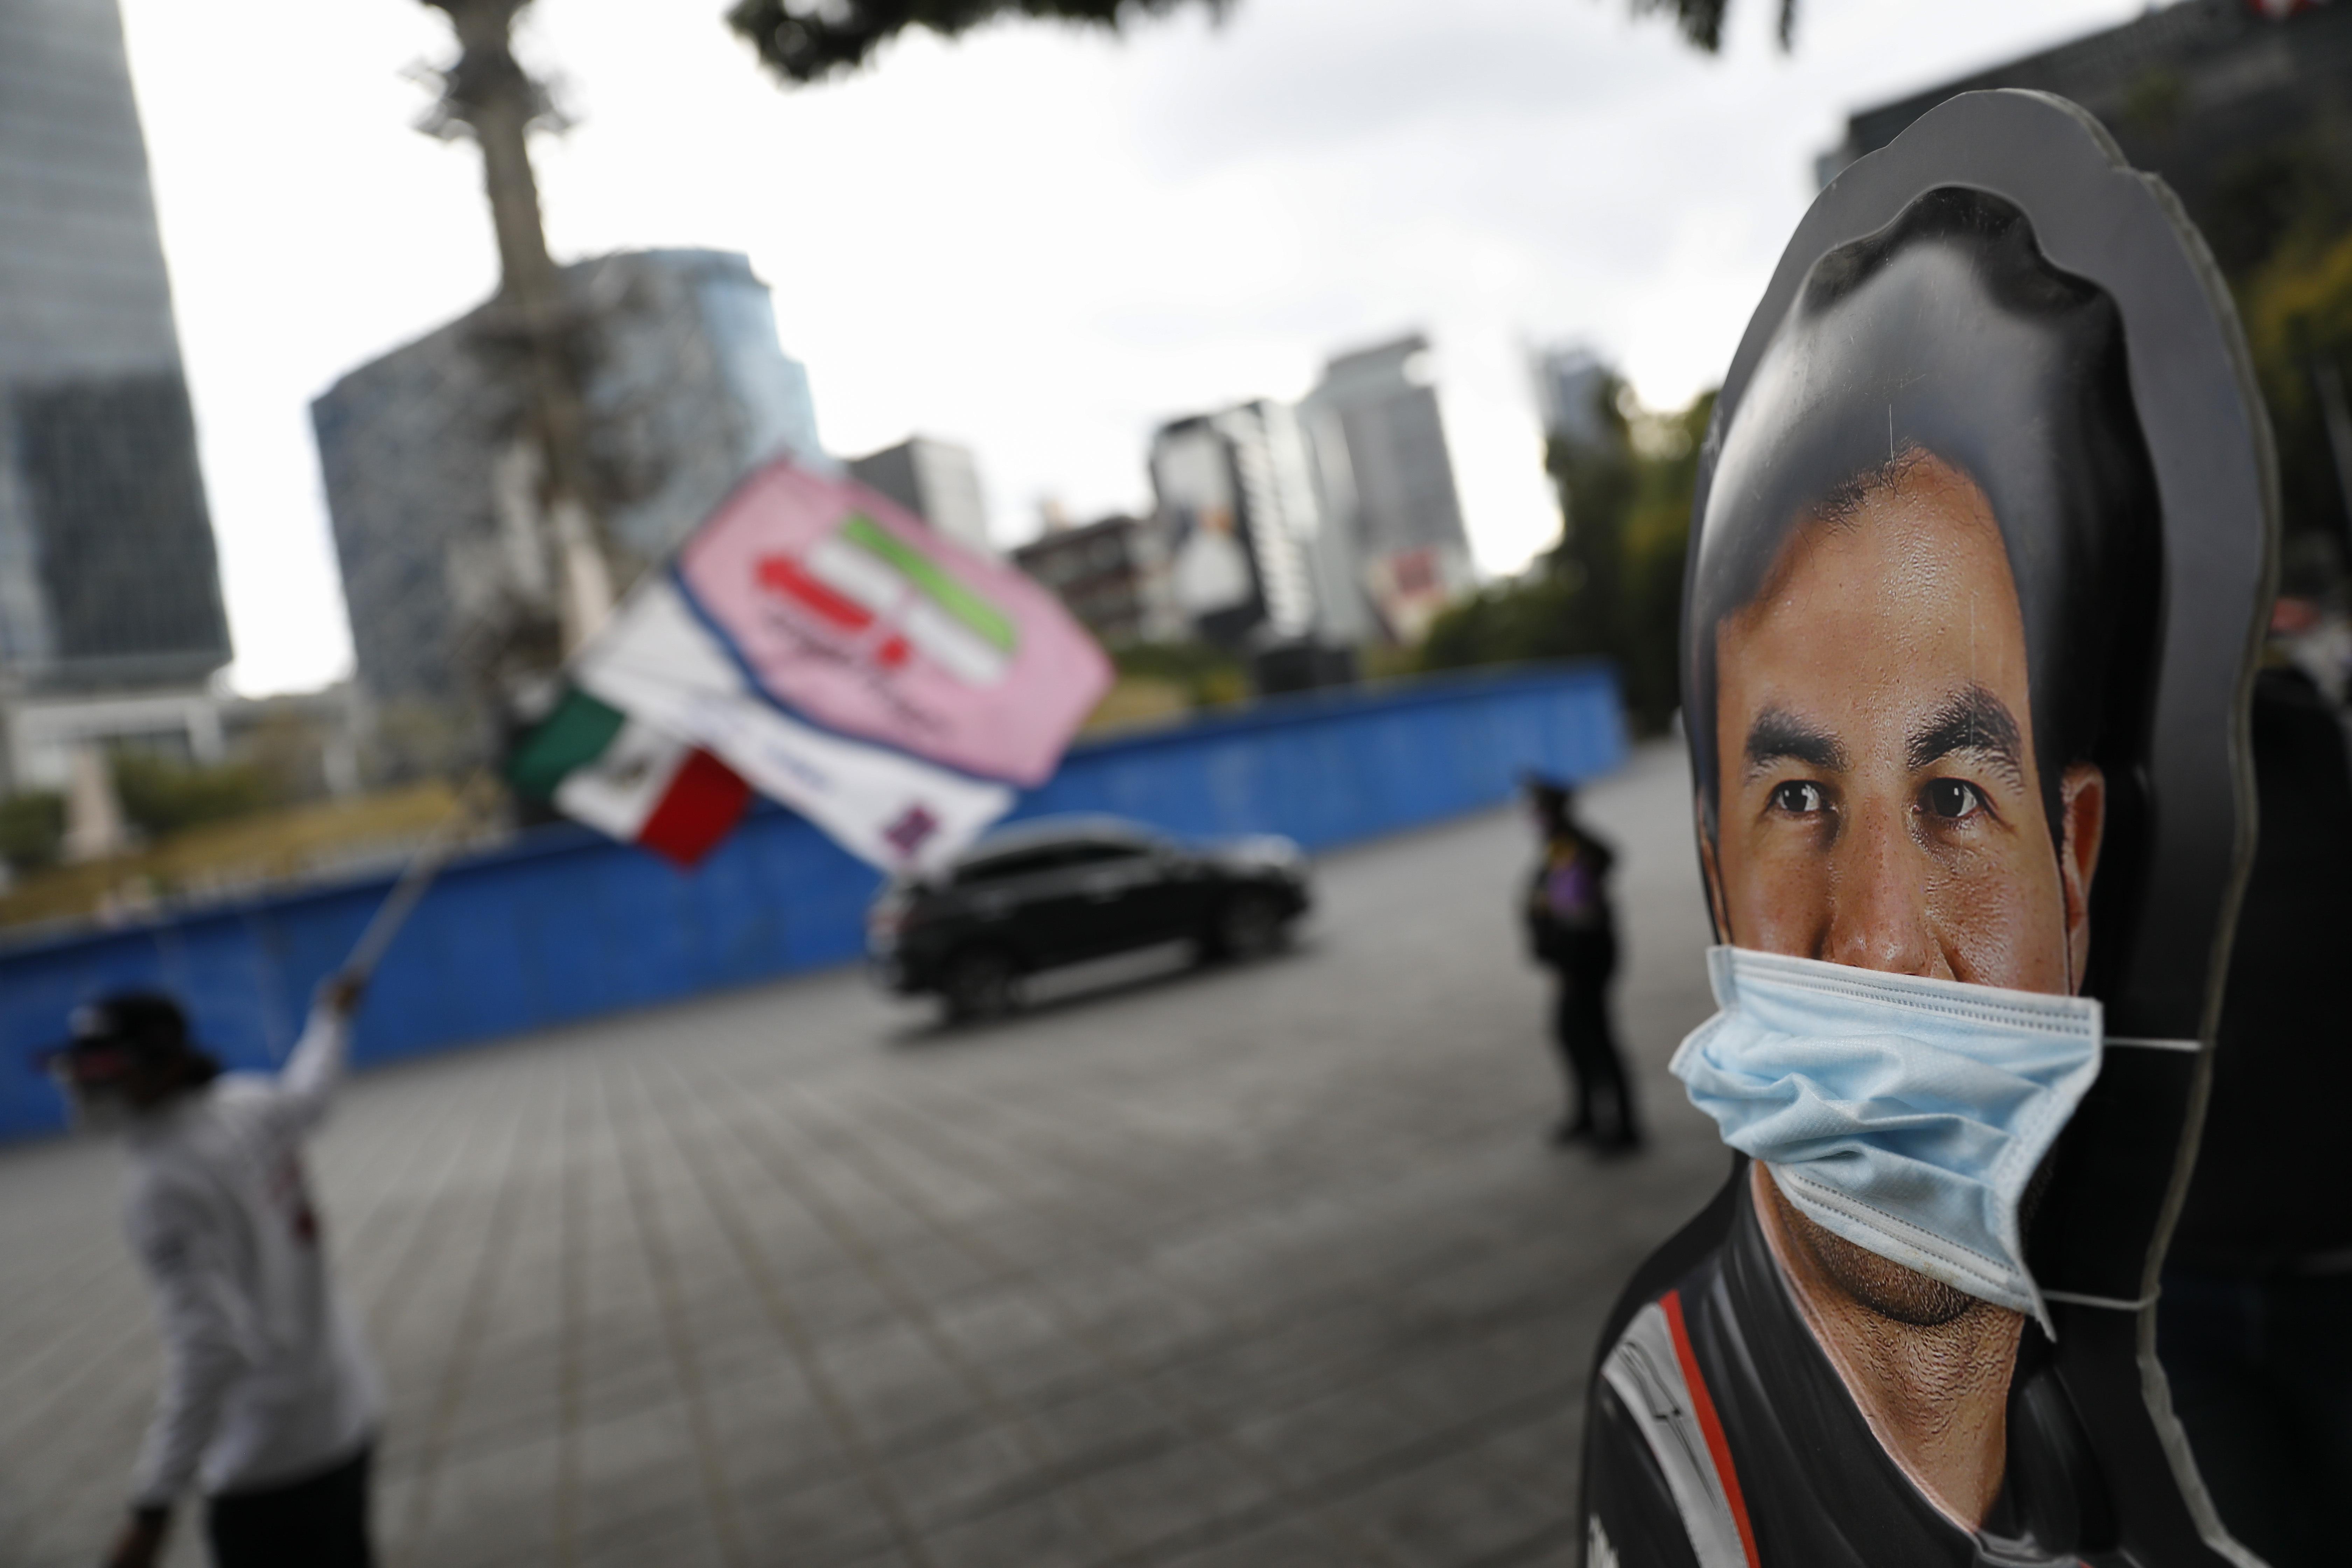 Cerca del monumento Ángel de la Independencia en la Ciudad de México, el domingo 6 de diciembre de 2020.